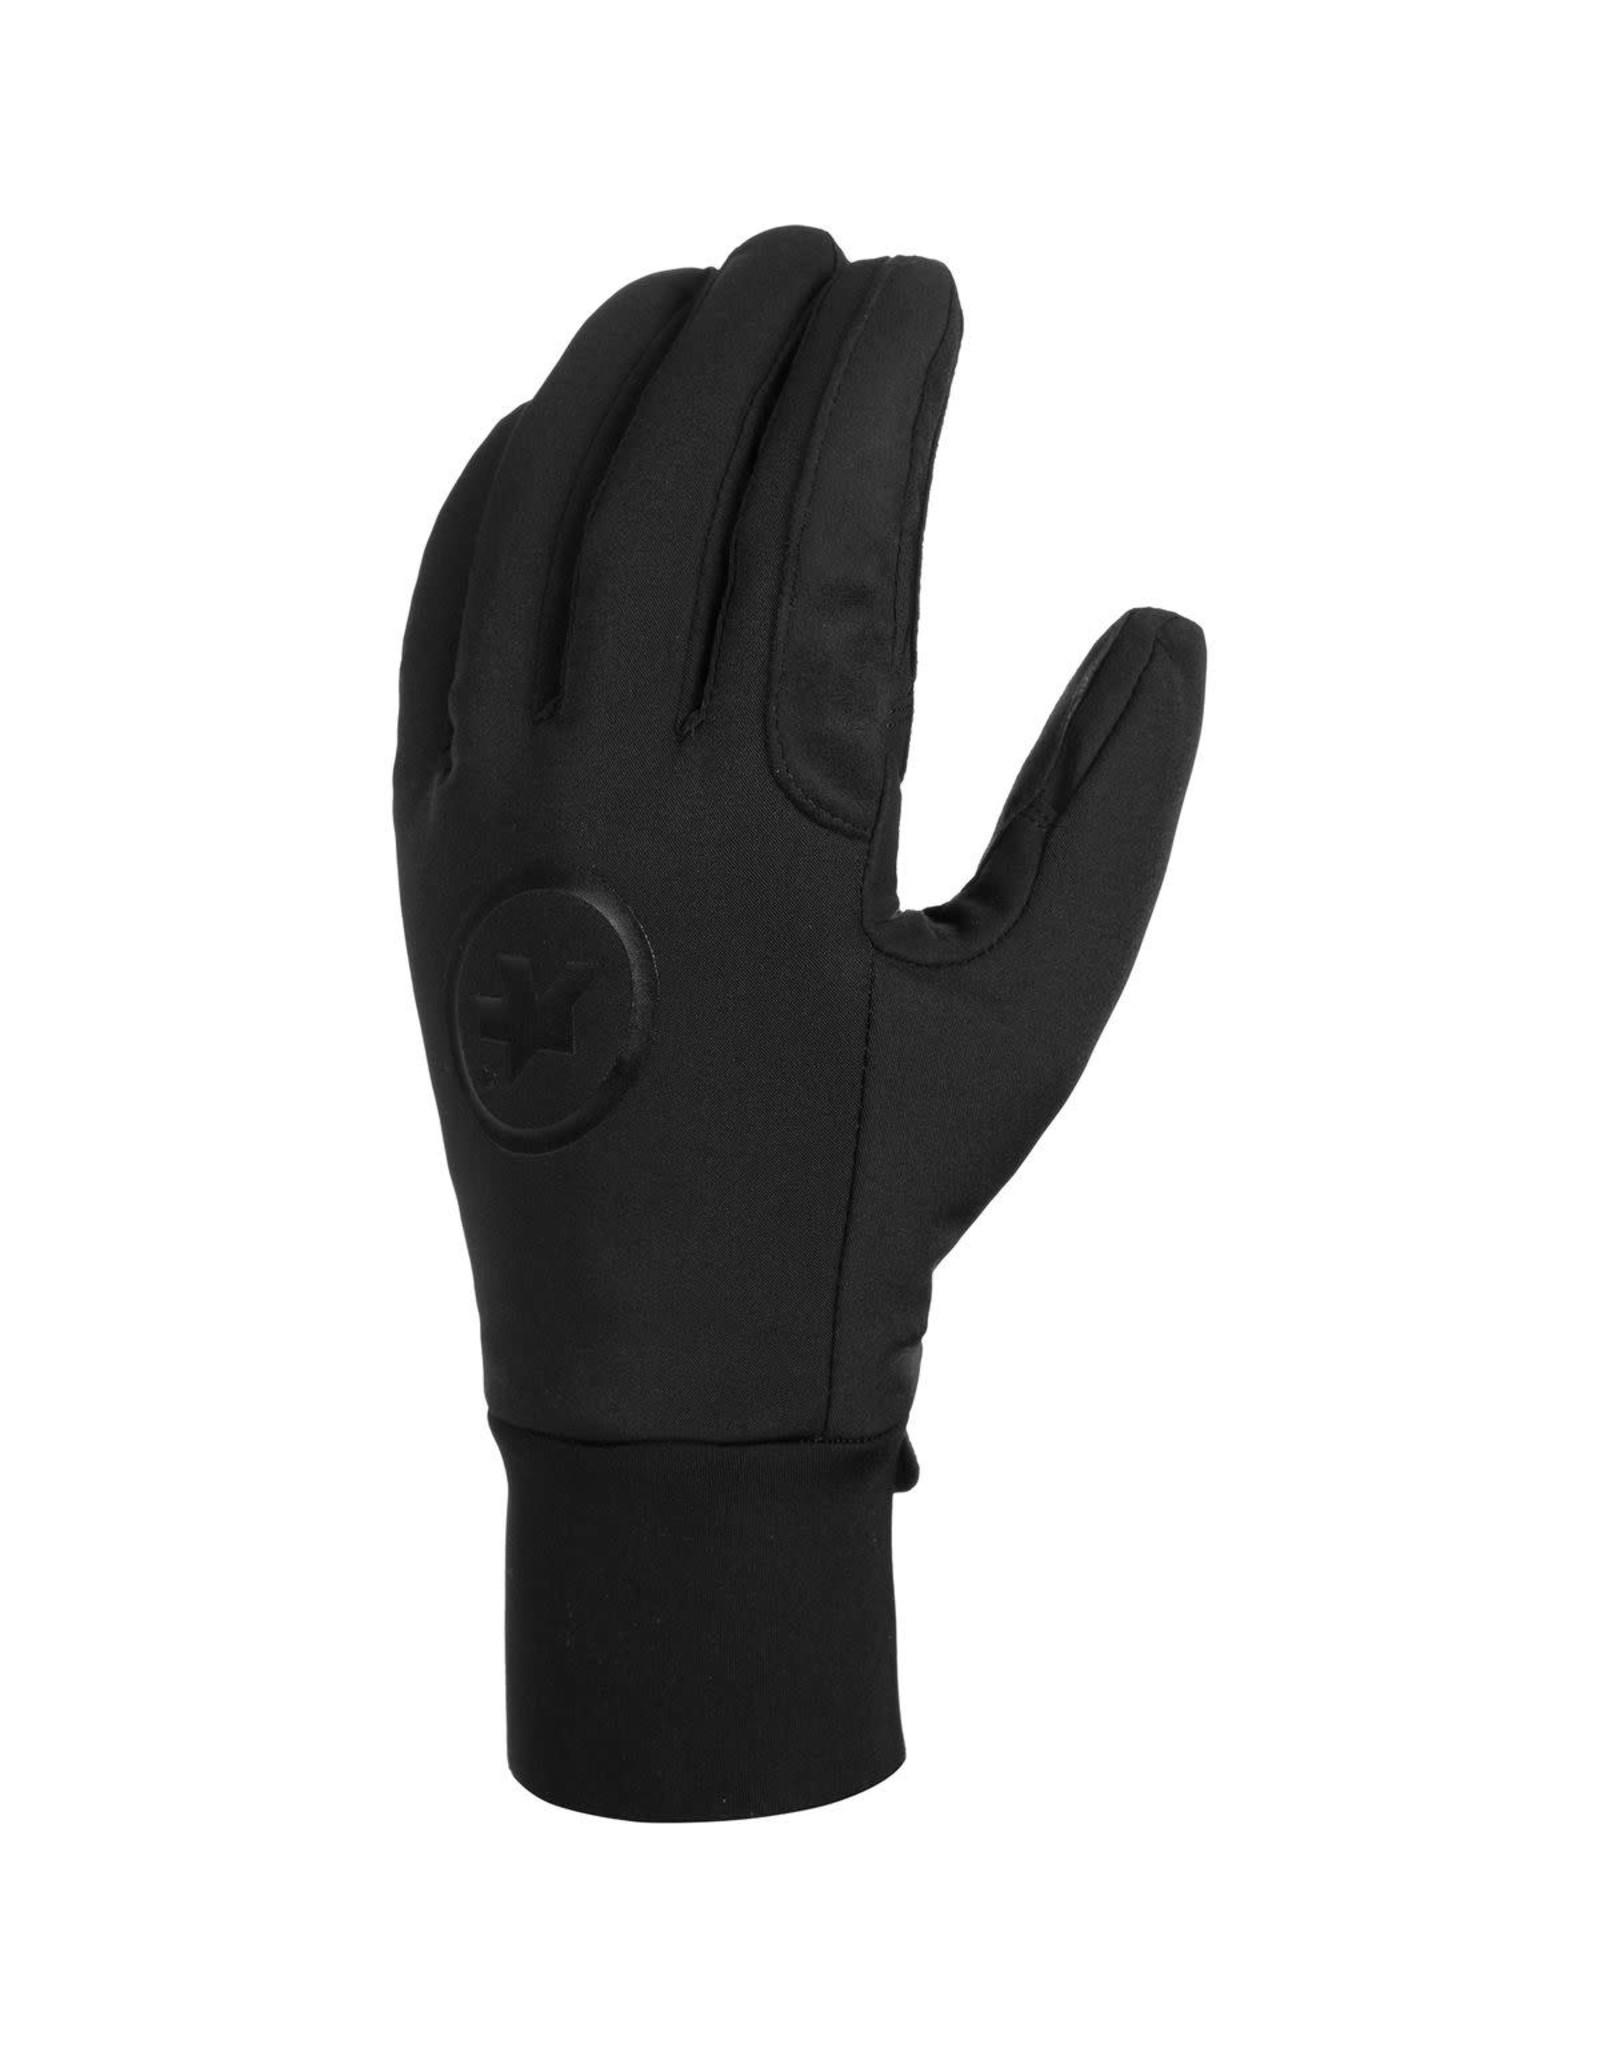 Assos ASSOS, Bonka_evo7, Glove